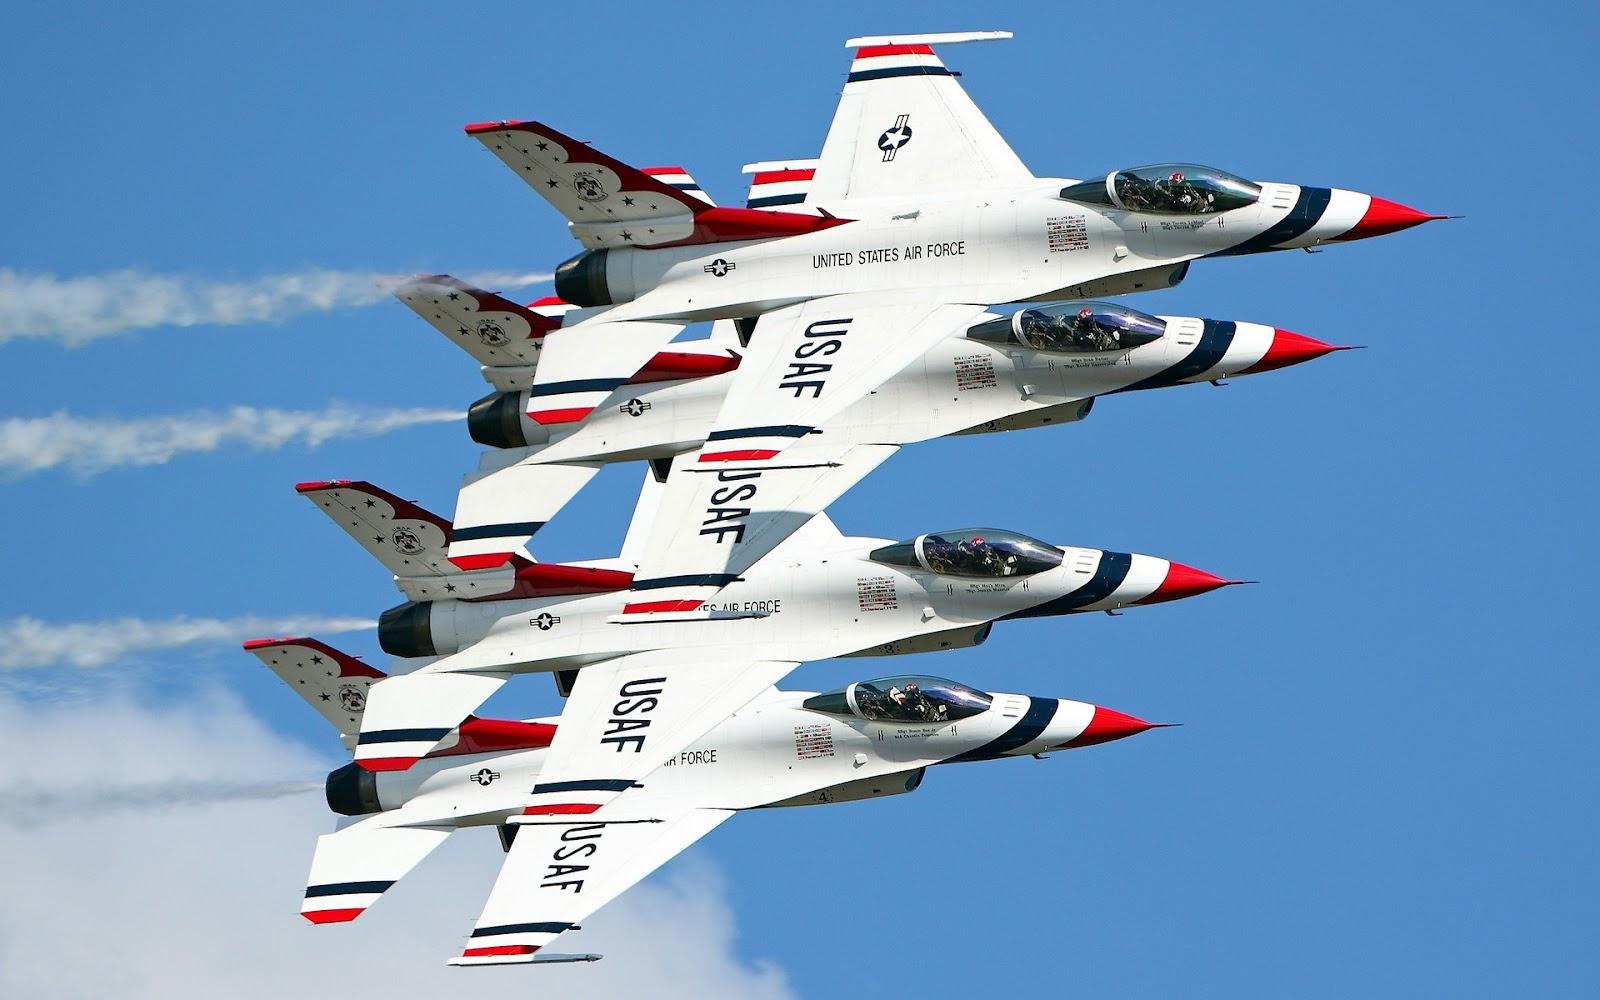 http://2.bp.blogspot.com/-BT-VkEe6Fd8/UGBfET-9lXI/AAAAAAAAoJI/G18Q7z8r4qY/s1600/F-16-Fighting-Falcon-Wallpapers.jpg